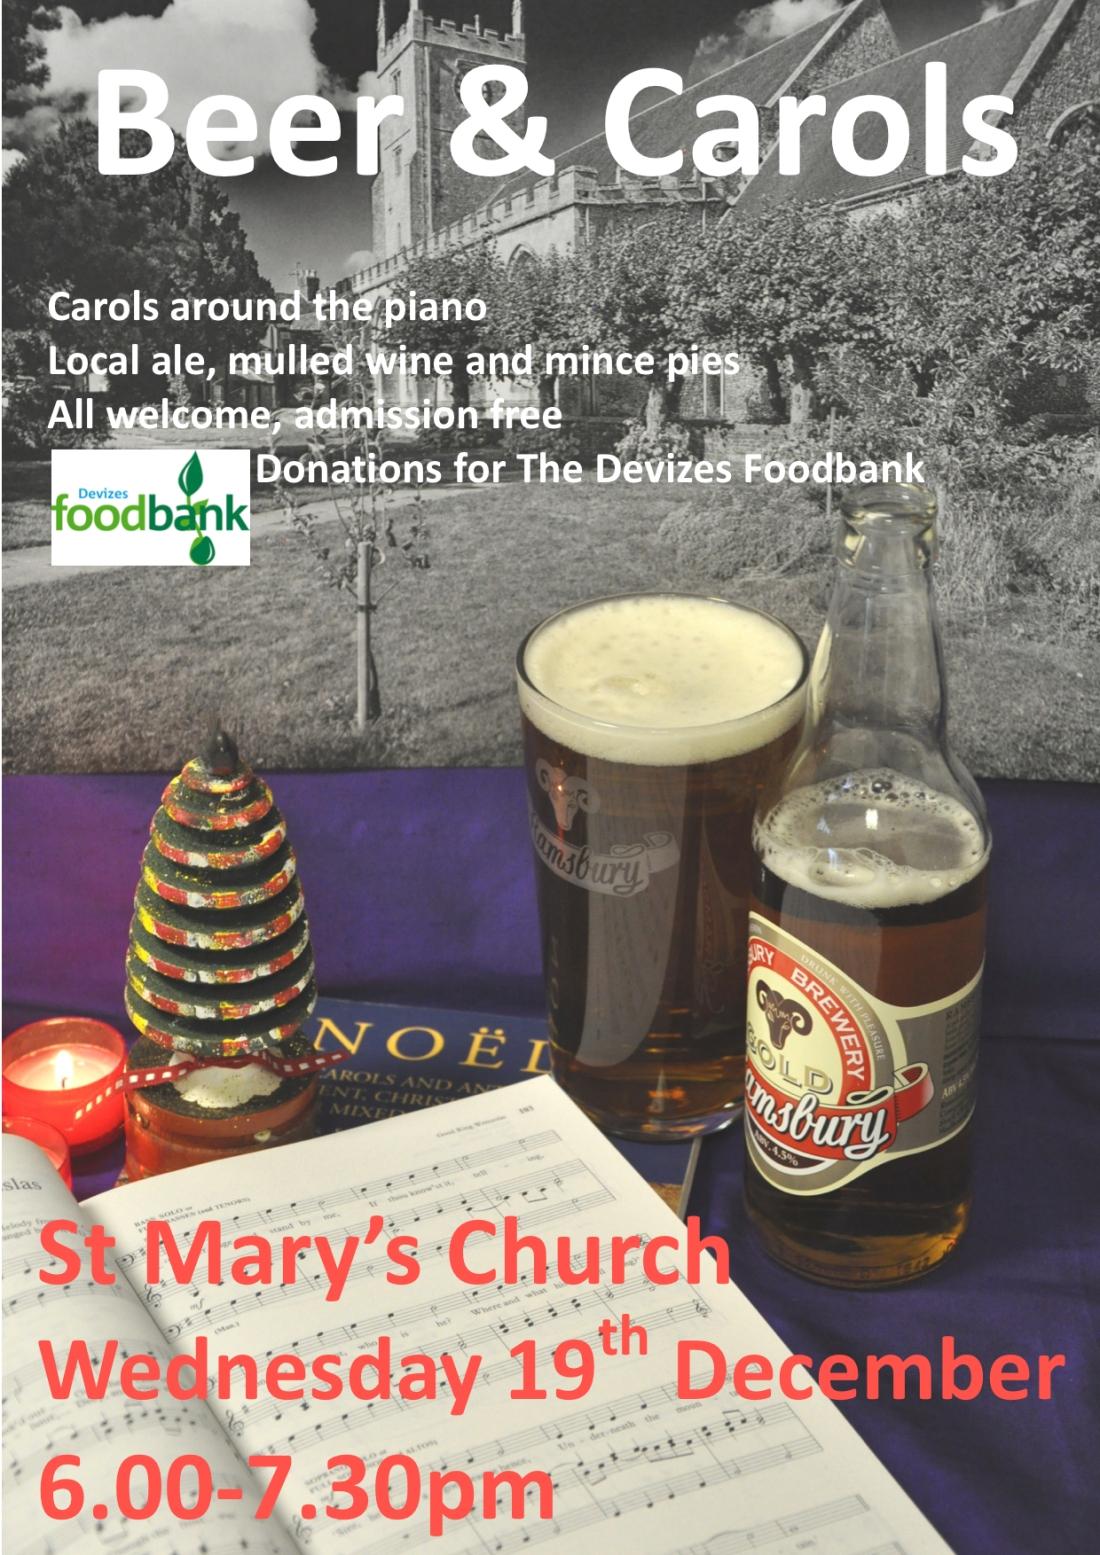 Beer and carols